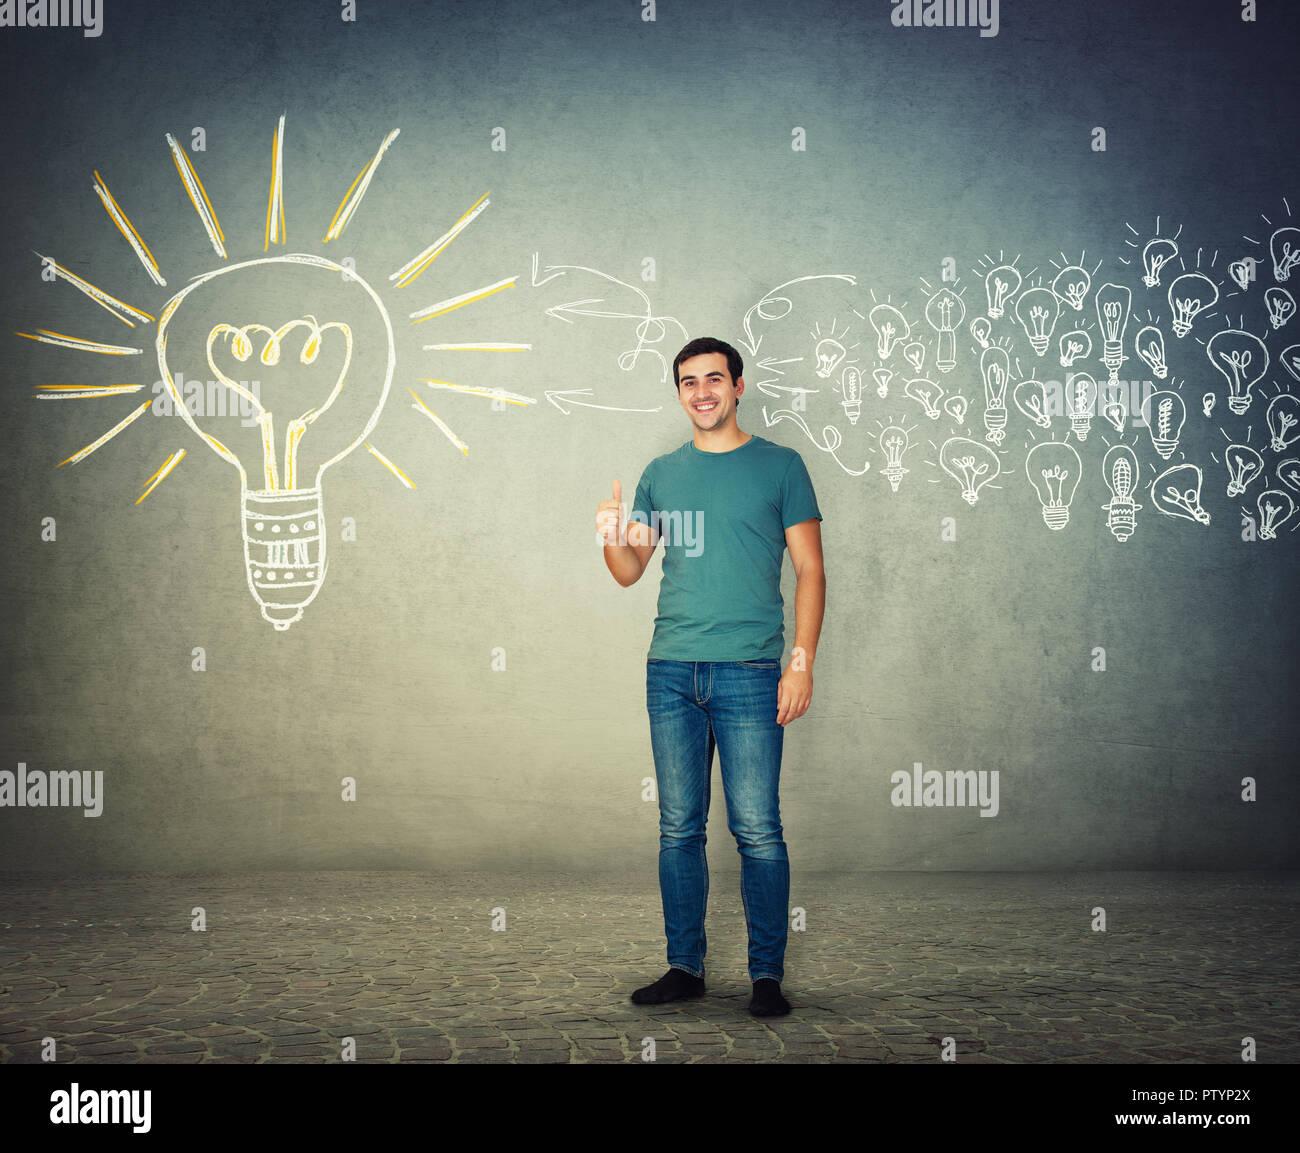 Volle Länge Portrait von lächelnden legerer Mann Daumen zeigt, wie Zeichen. Geschäftskonzept nachdenkliche junge Ideen sammeln in eine große Glühbirne. Stockbild